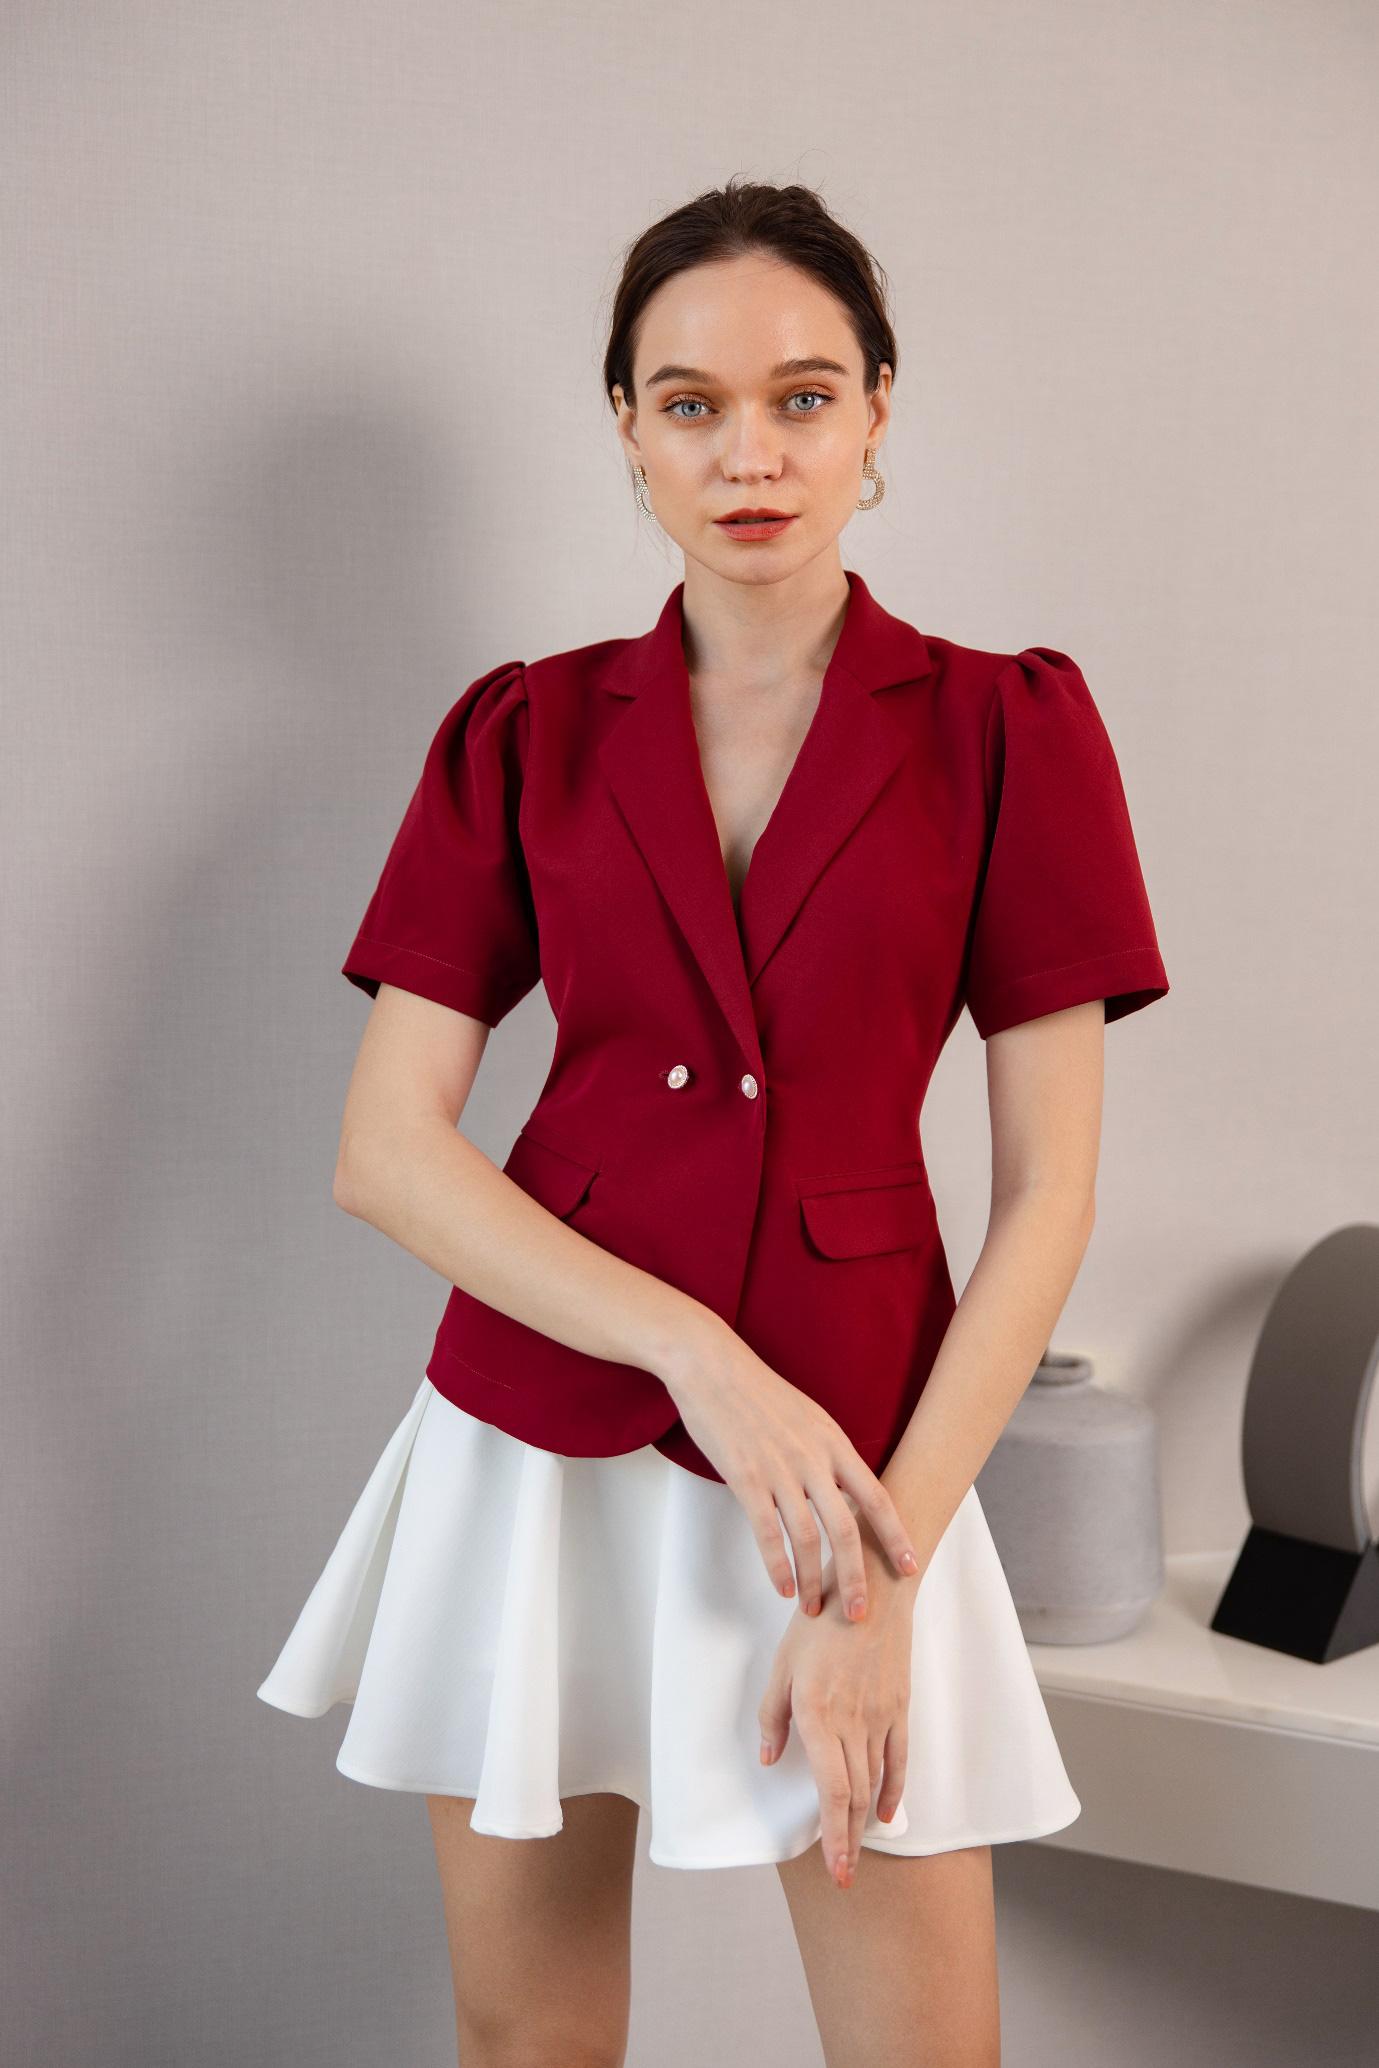 Gợi ý 8 mẫu váy đỏ đẹp cực phẩm, biến nàng trở thành tiêu điểm từ tiệc tất niên cho tới buổi du xuân đầu năm - Ảnh 8.